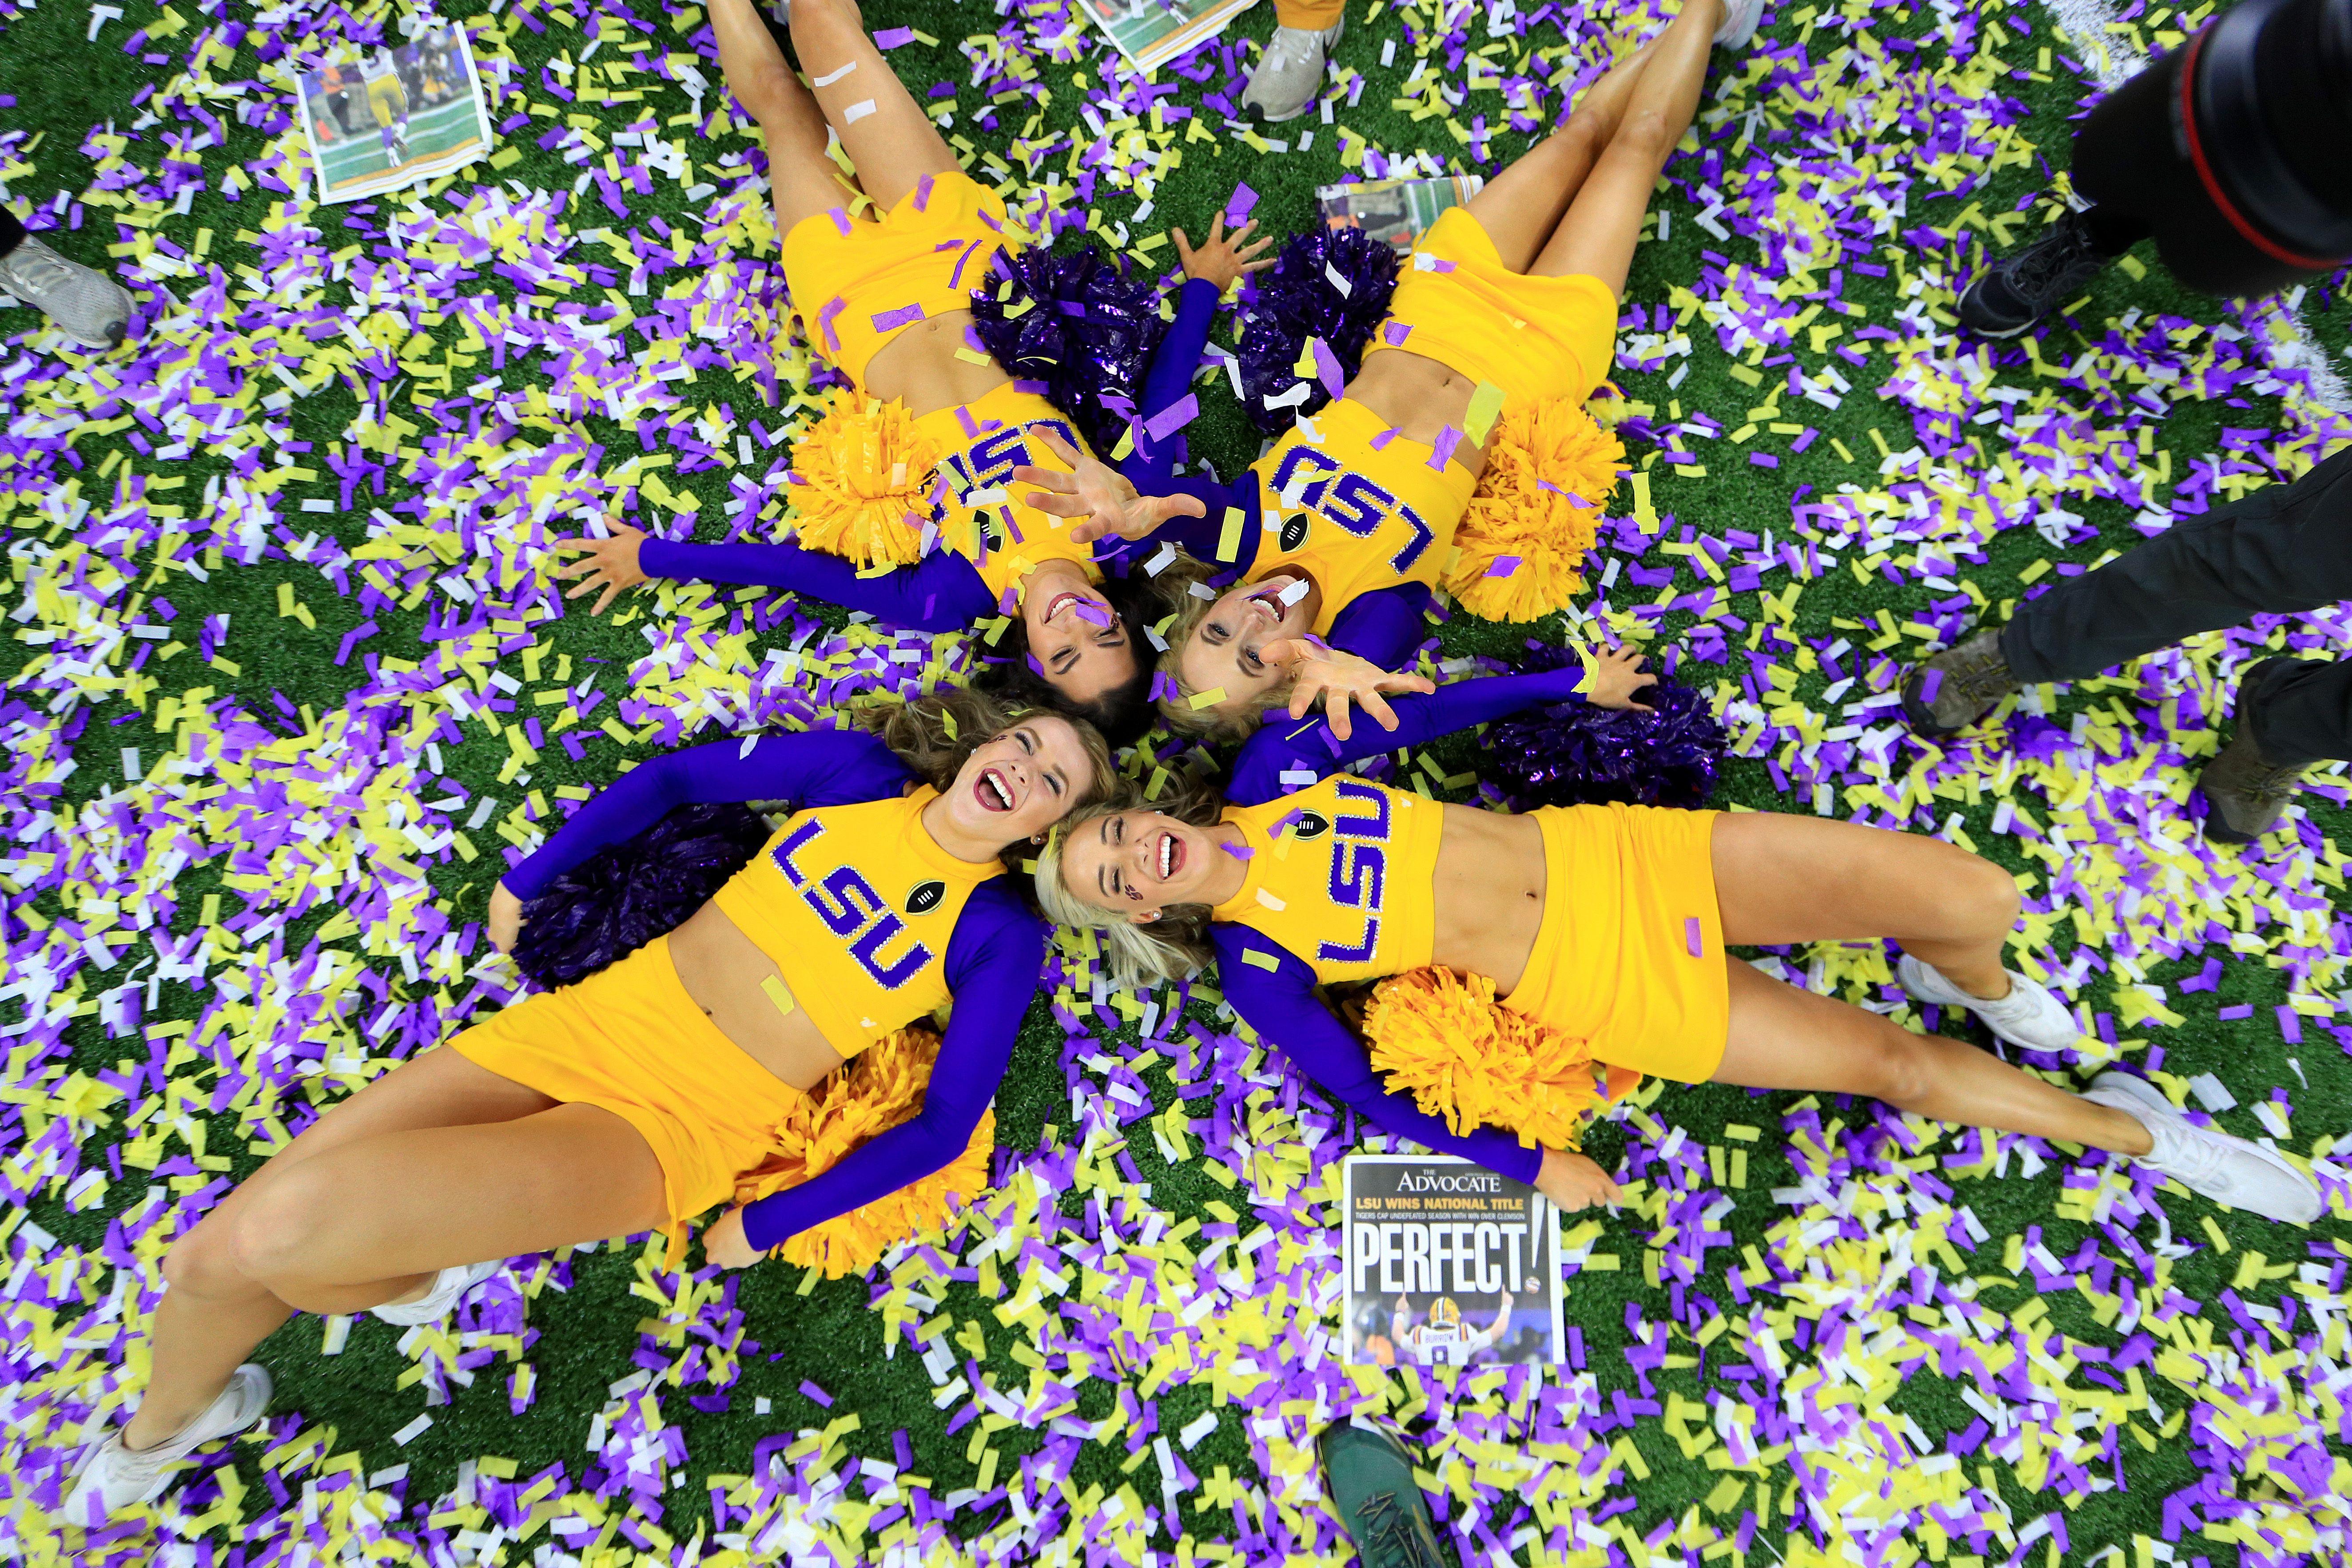 LSU cheerleaders